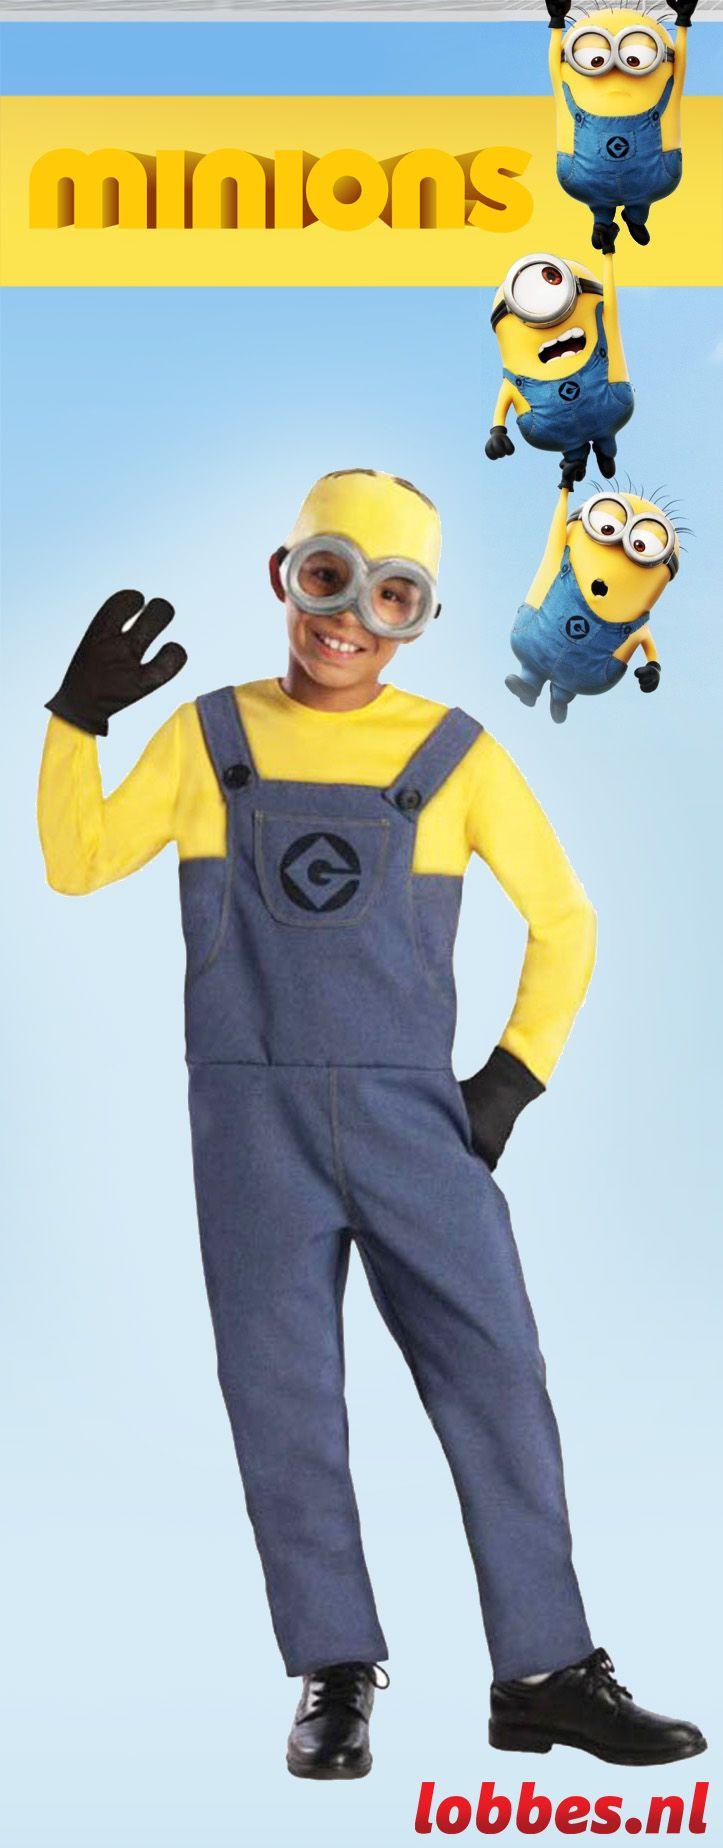 Heb je binnenkort een verkleedfeestje? Dan is Minion Dave zijn kostuum een geweldige optie, want hij maakt altijd wat leuks mee! Daarnaast ben je gelijk klaar, want dit verkleedsetje is tot in de puntjes geregeld. Het volgende zit er namelijk in: een jumpsuit, een hoofdkapje, handschoenen en een veiligheidsbril in. Veel feestplezier!